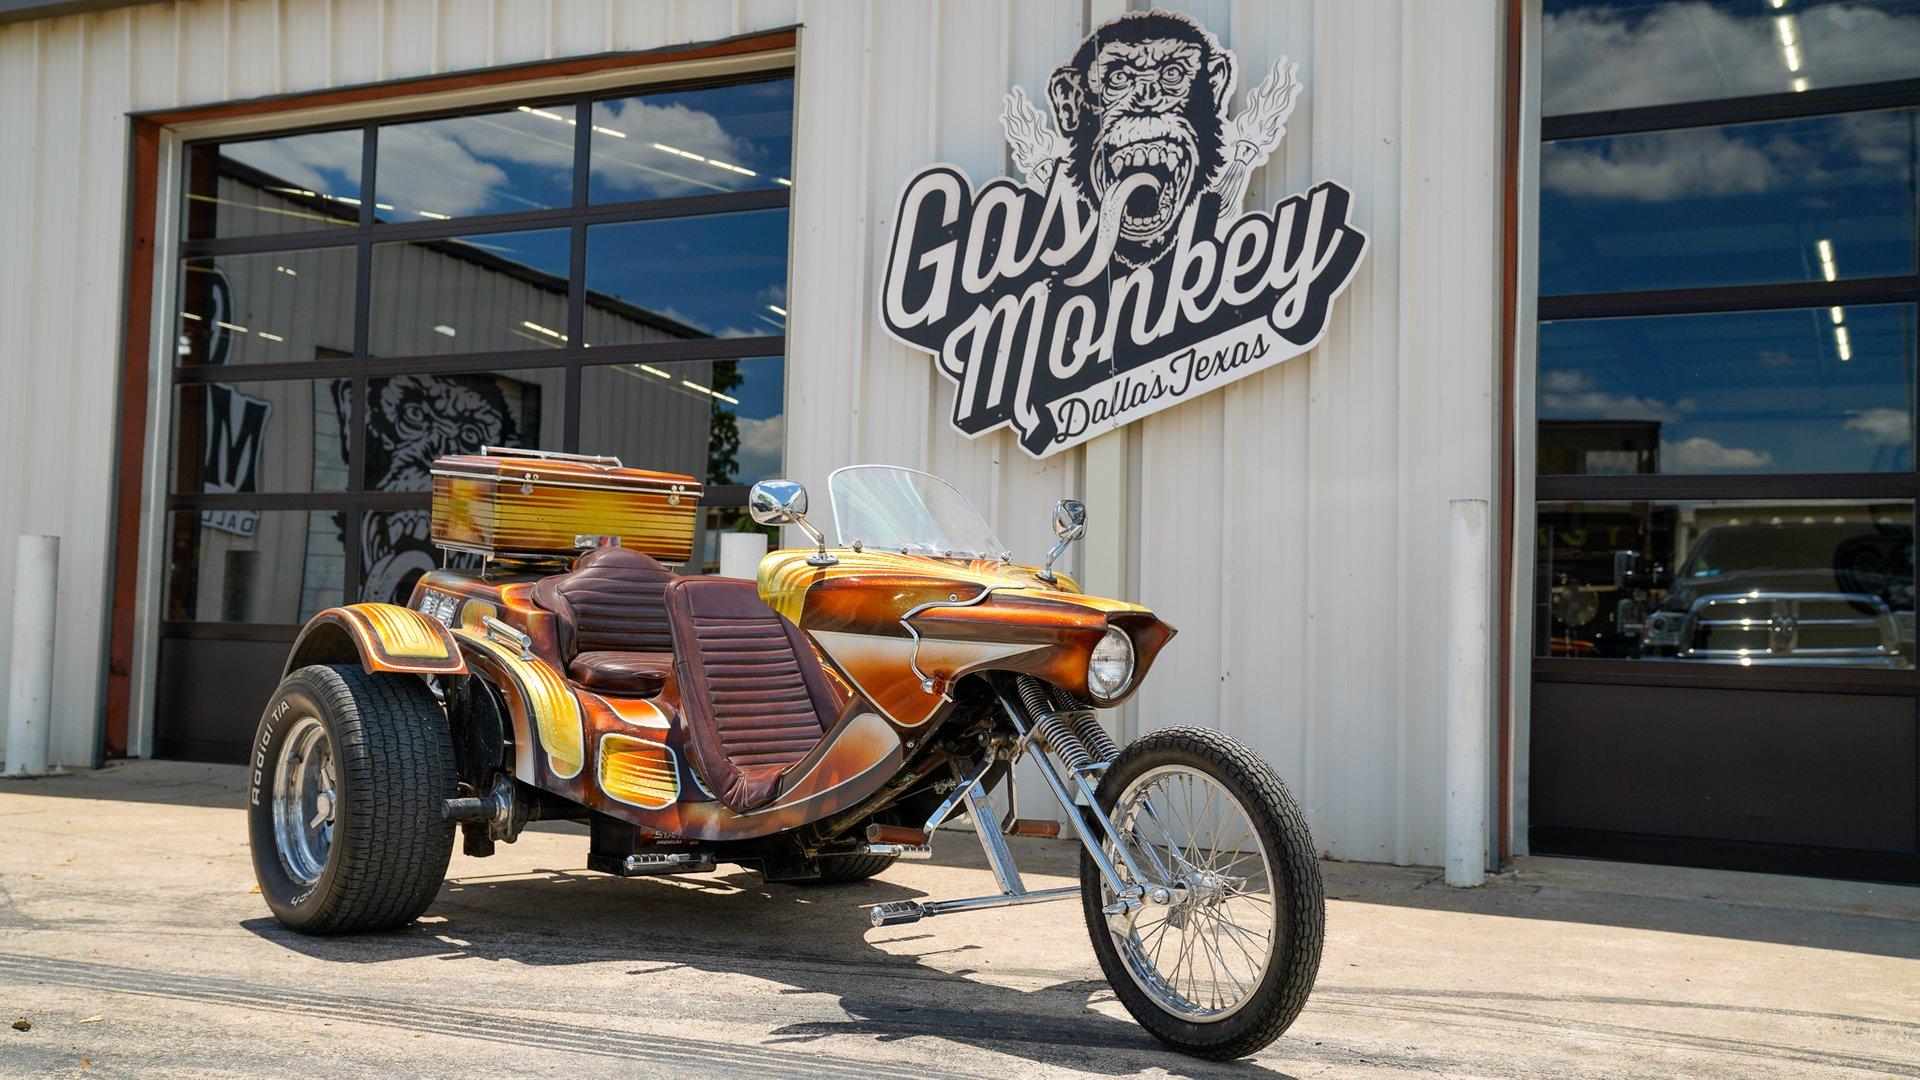 1980 Volkswagen Scorpion Chopper Trike Gas Monkey Garage